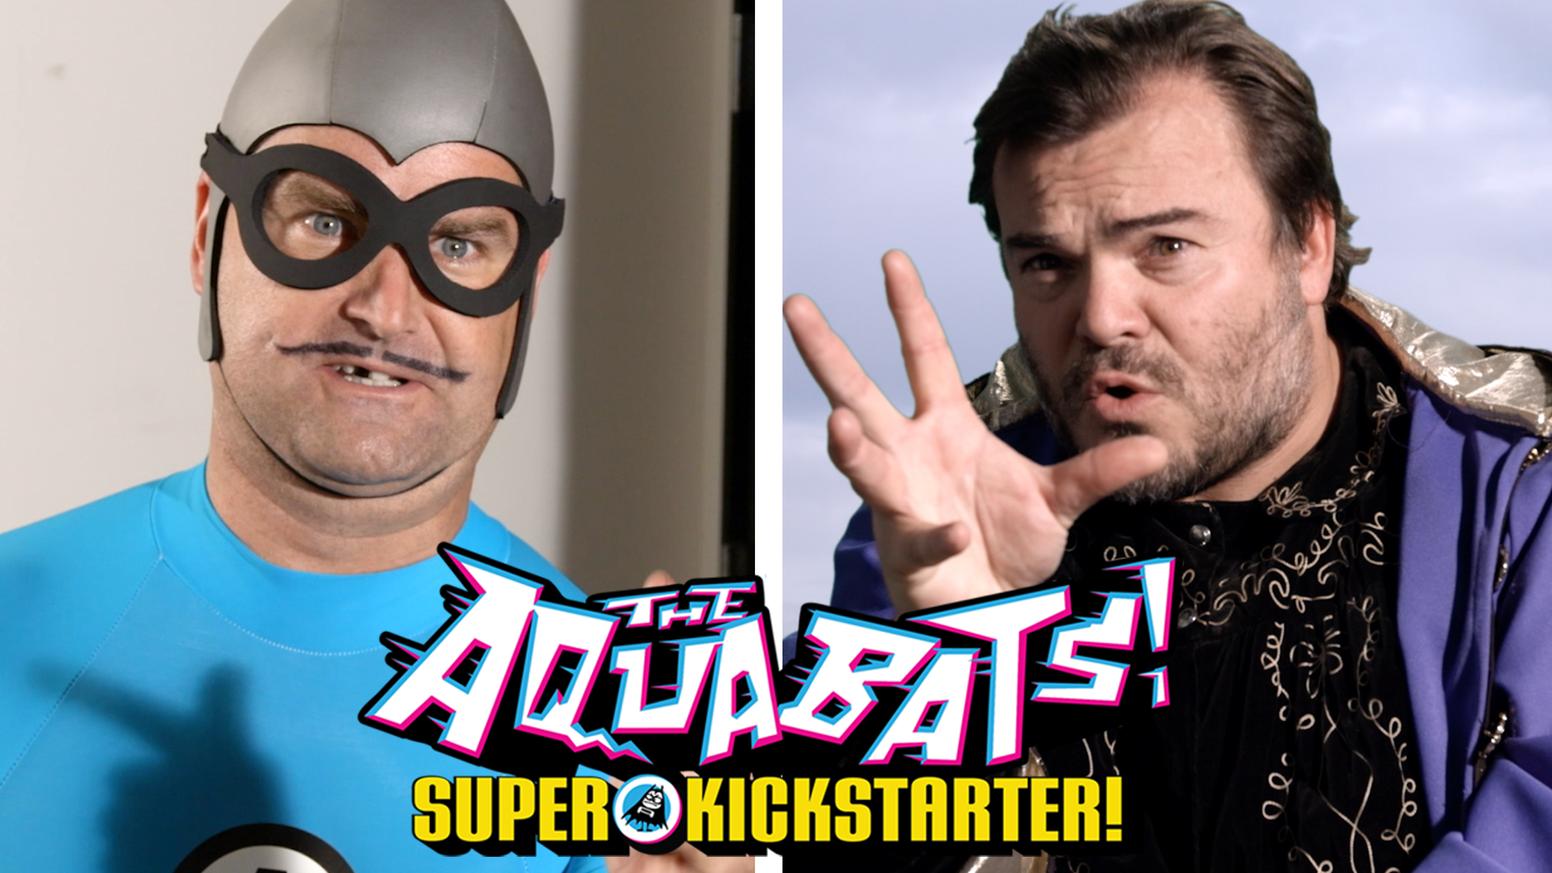 The Aquabats lanza campaña en kickstarter para nuevo disco y serie de televisión